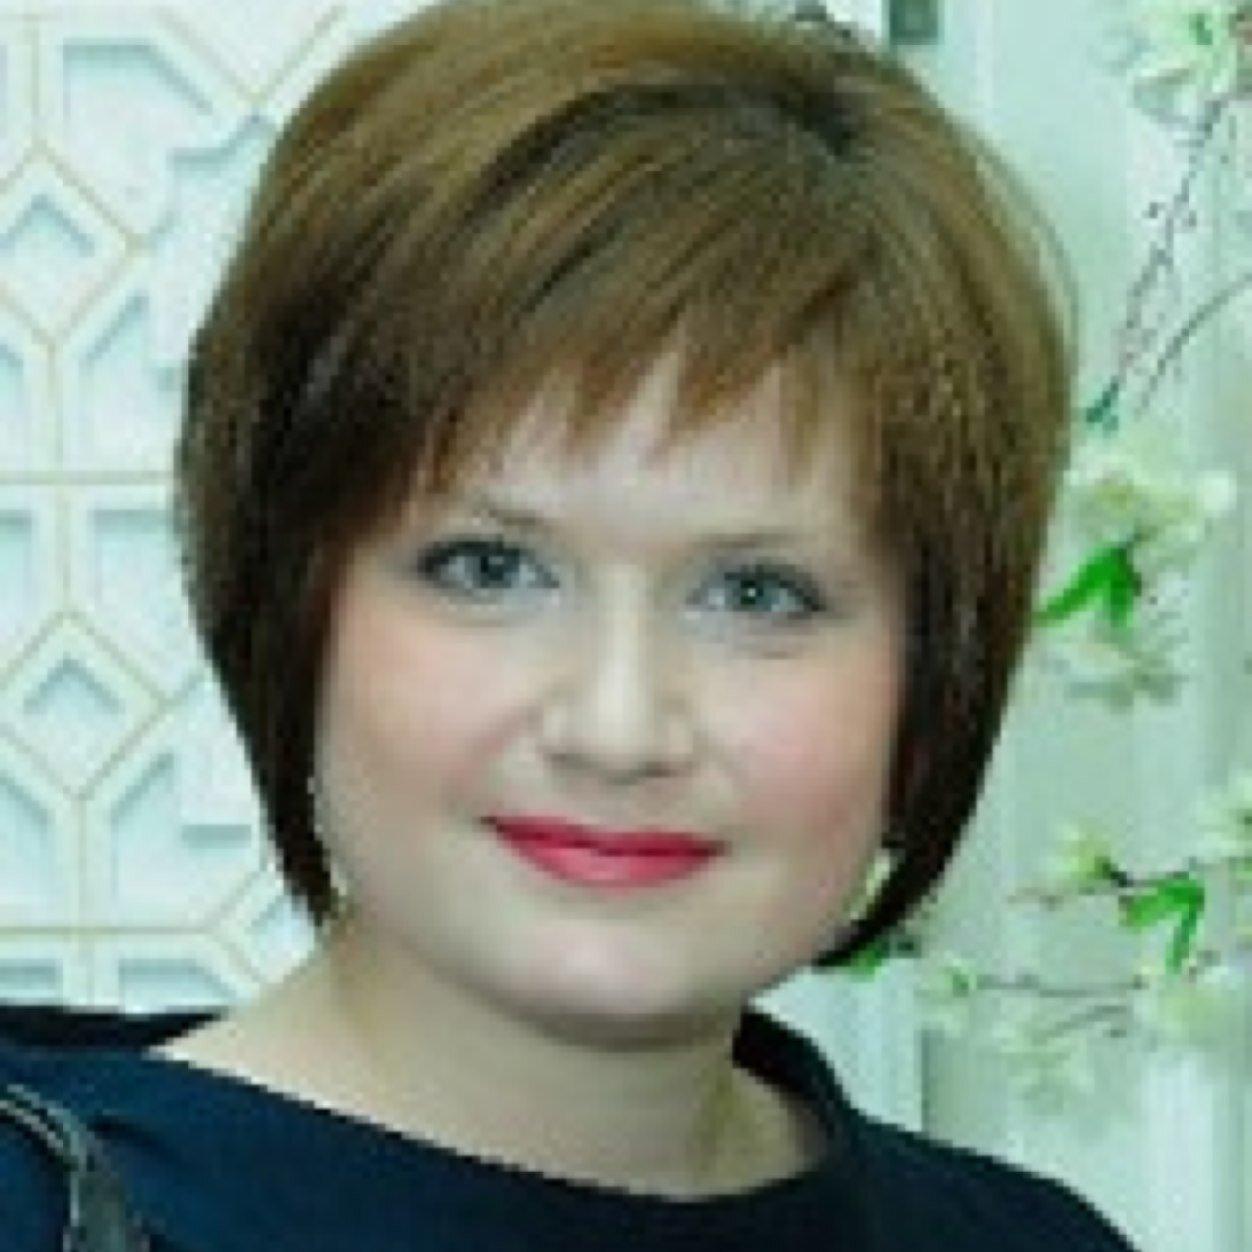 Ekaterina beketova поздравления с днем рождения коллеге девушке по работе в прозе